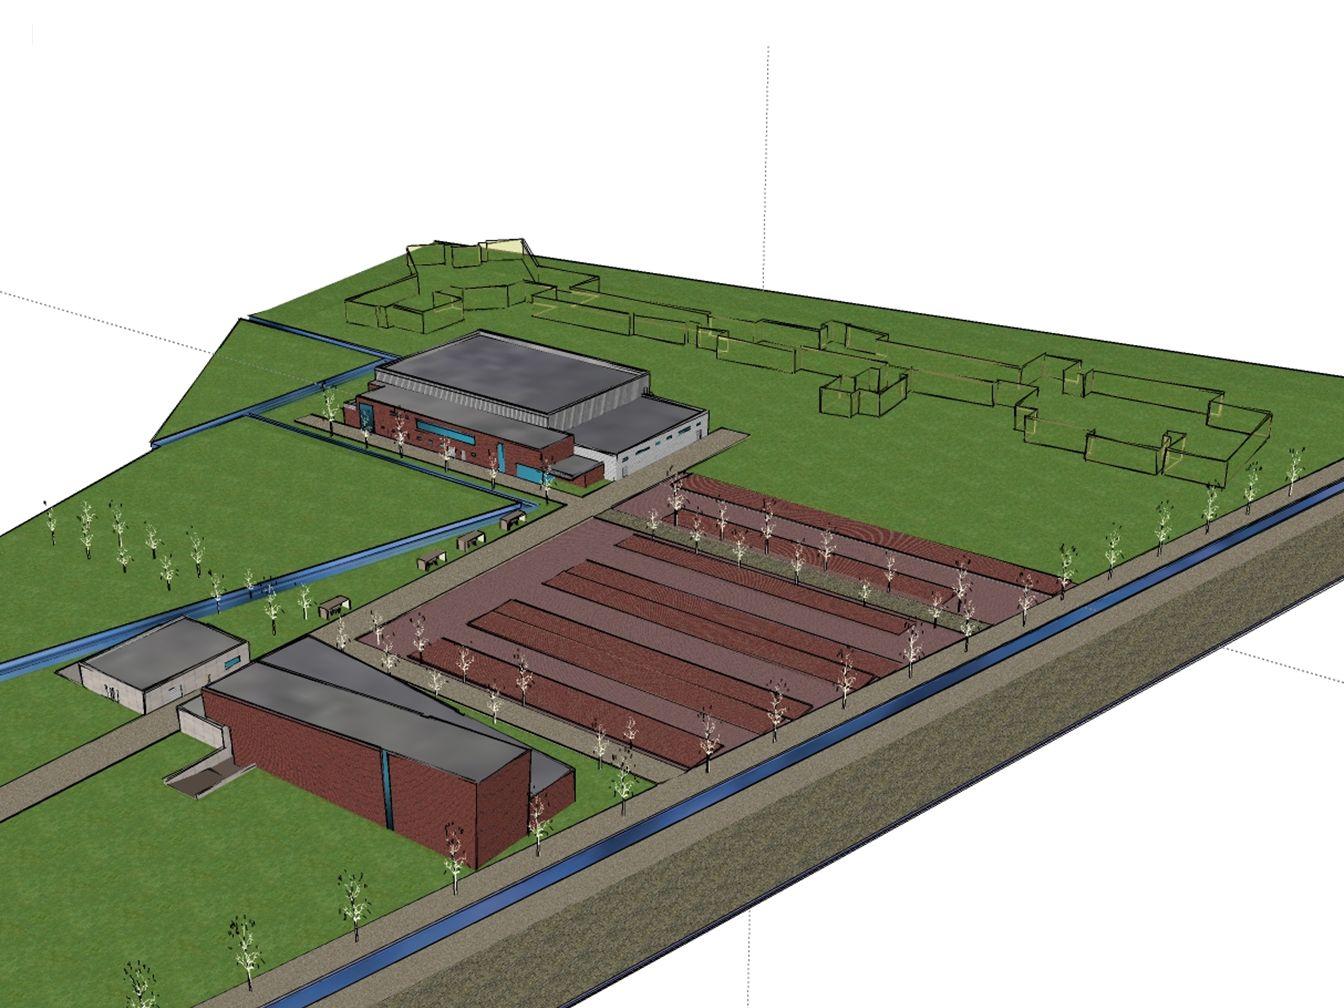 3 dossiers Sportinfrastructuur Jeugdhuis Repetitieruimte Ruime parking Kinderopvang Academie Strijkatelier Multifunctionele zaal